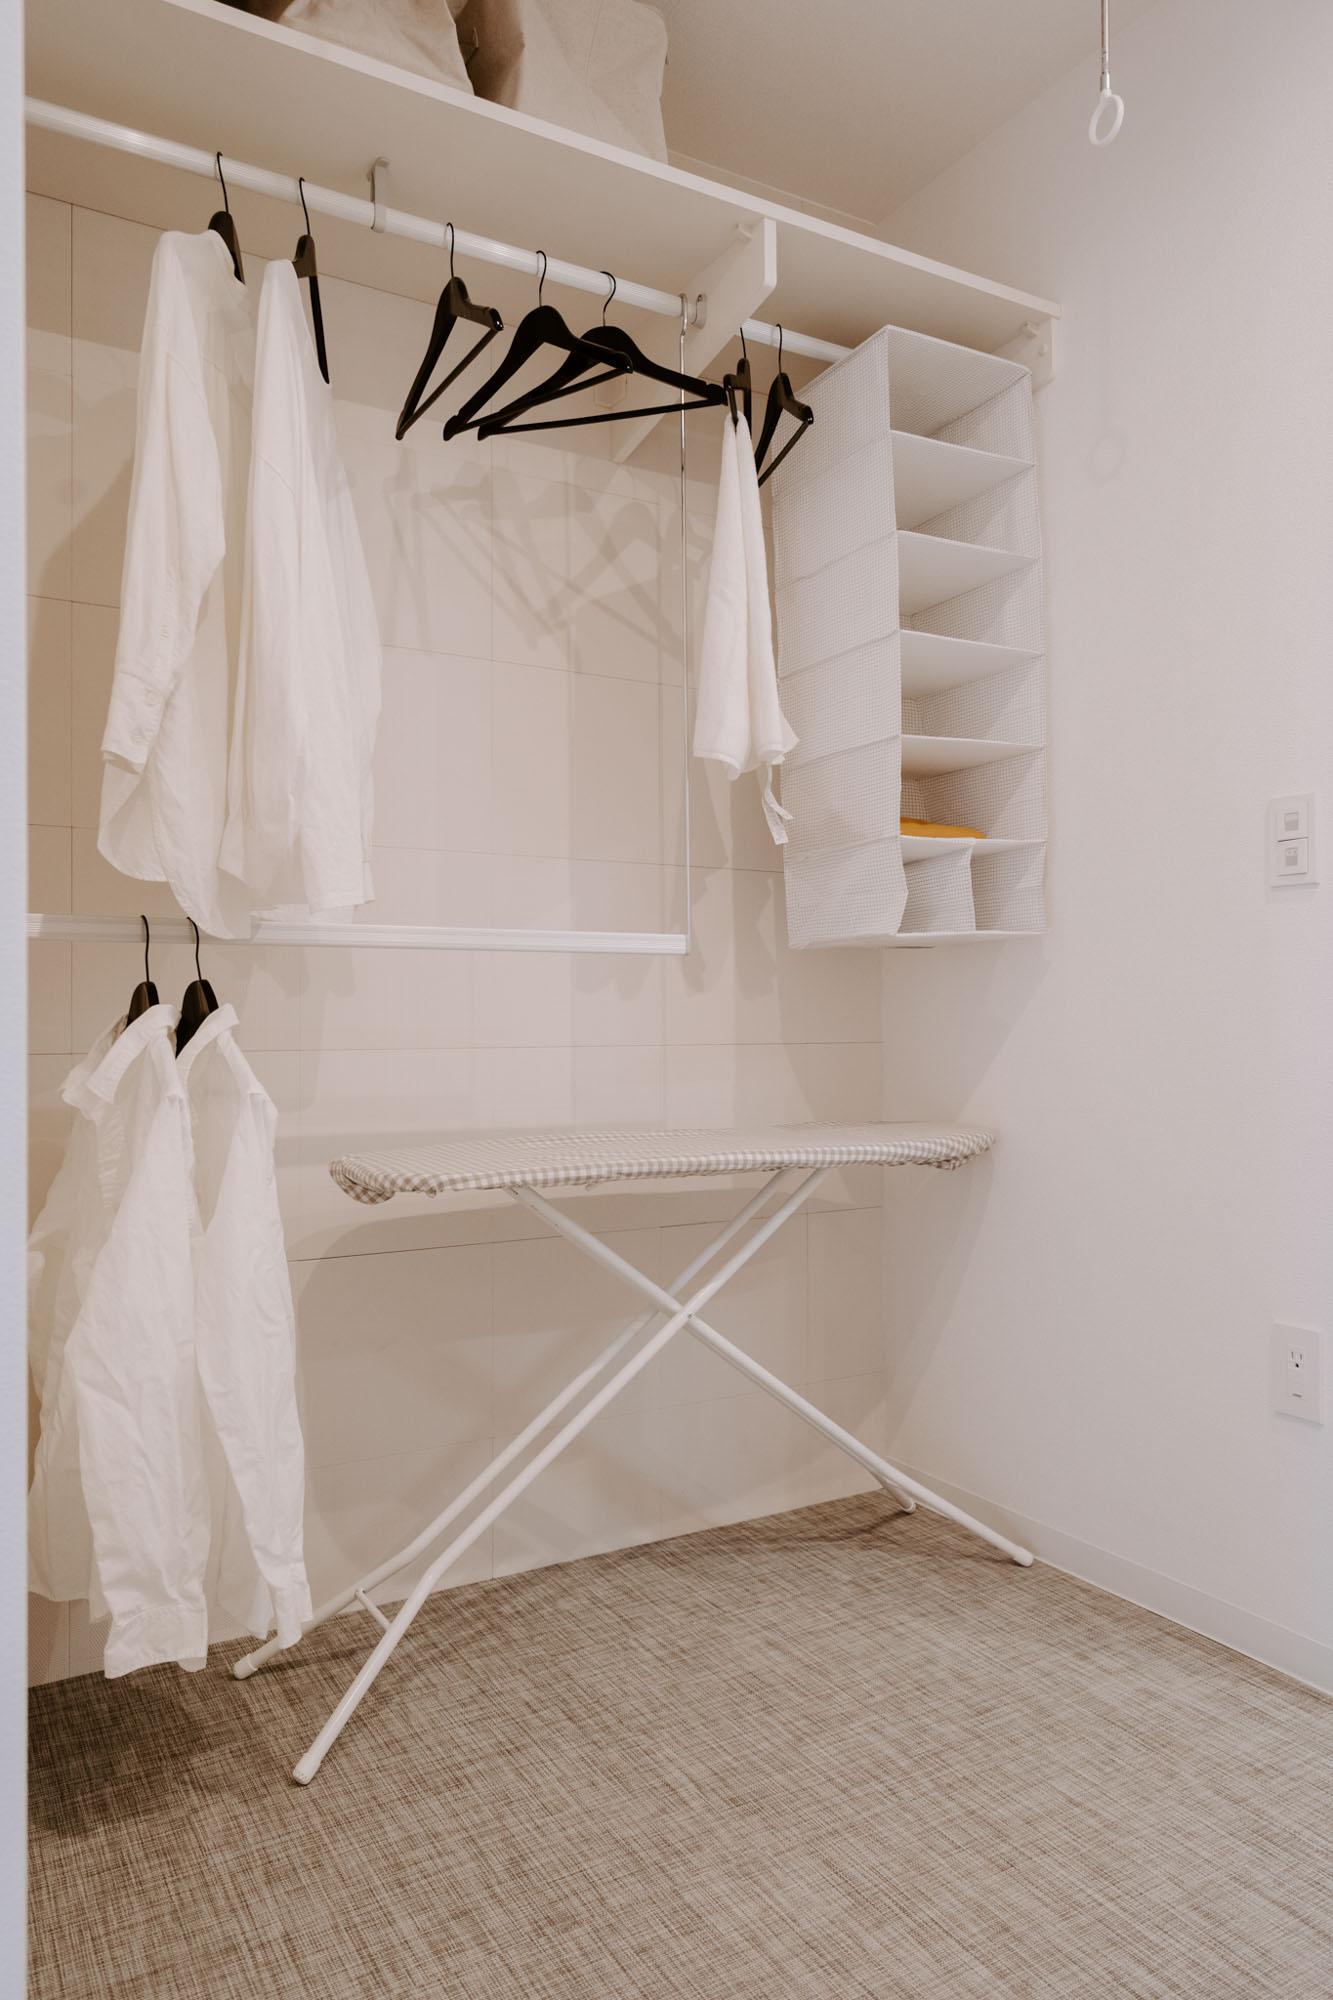 そしてそのままこの部屋に衣類をしまえます。壁には調湿機能のある素材が使われているなど、配慮も行き届いています。